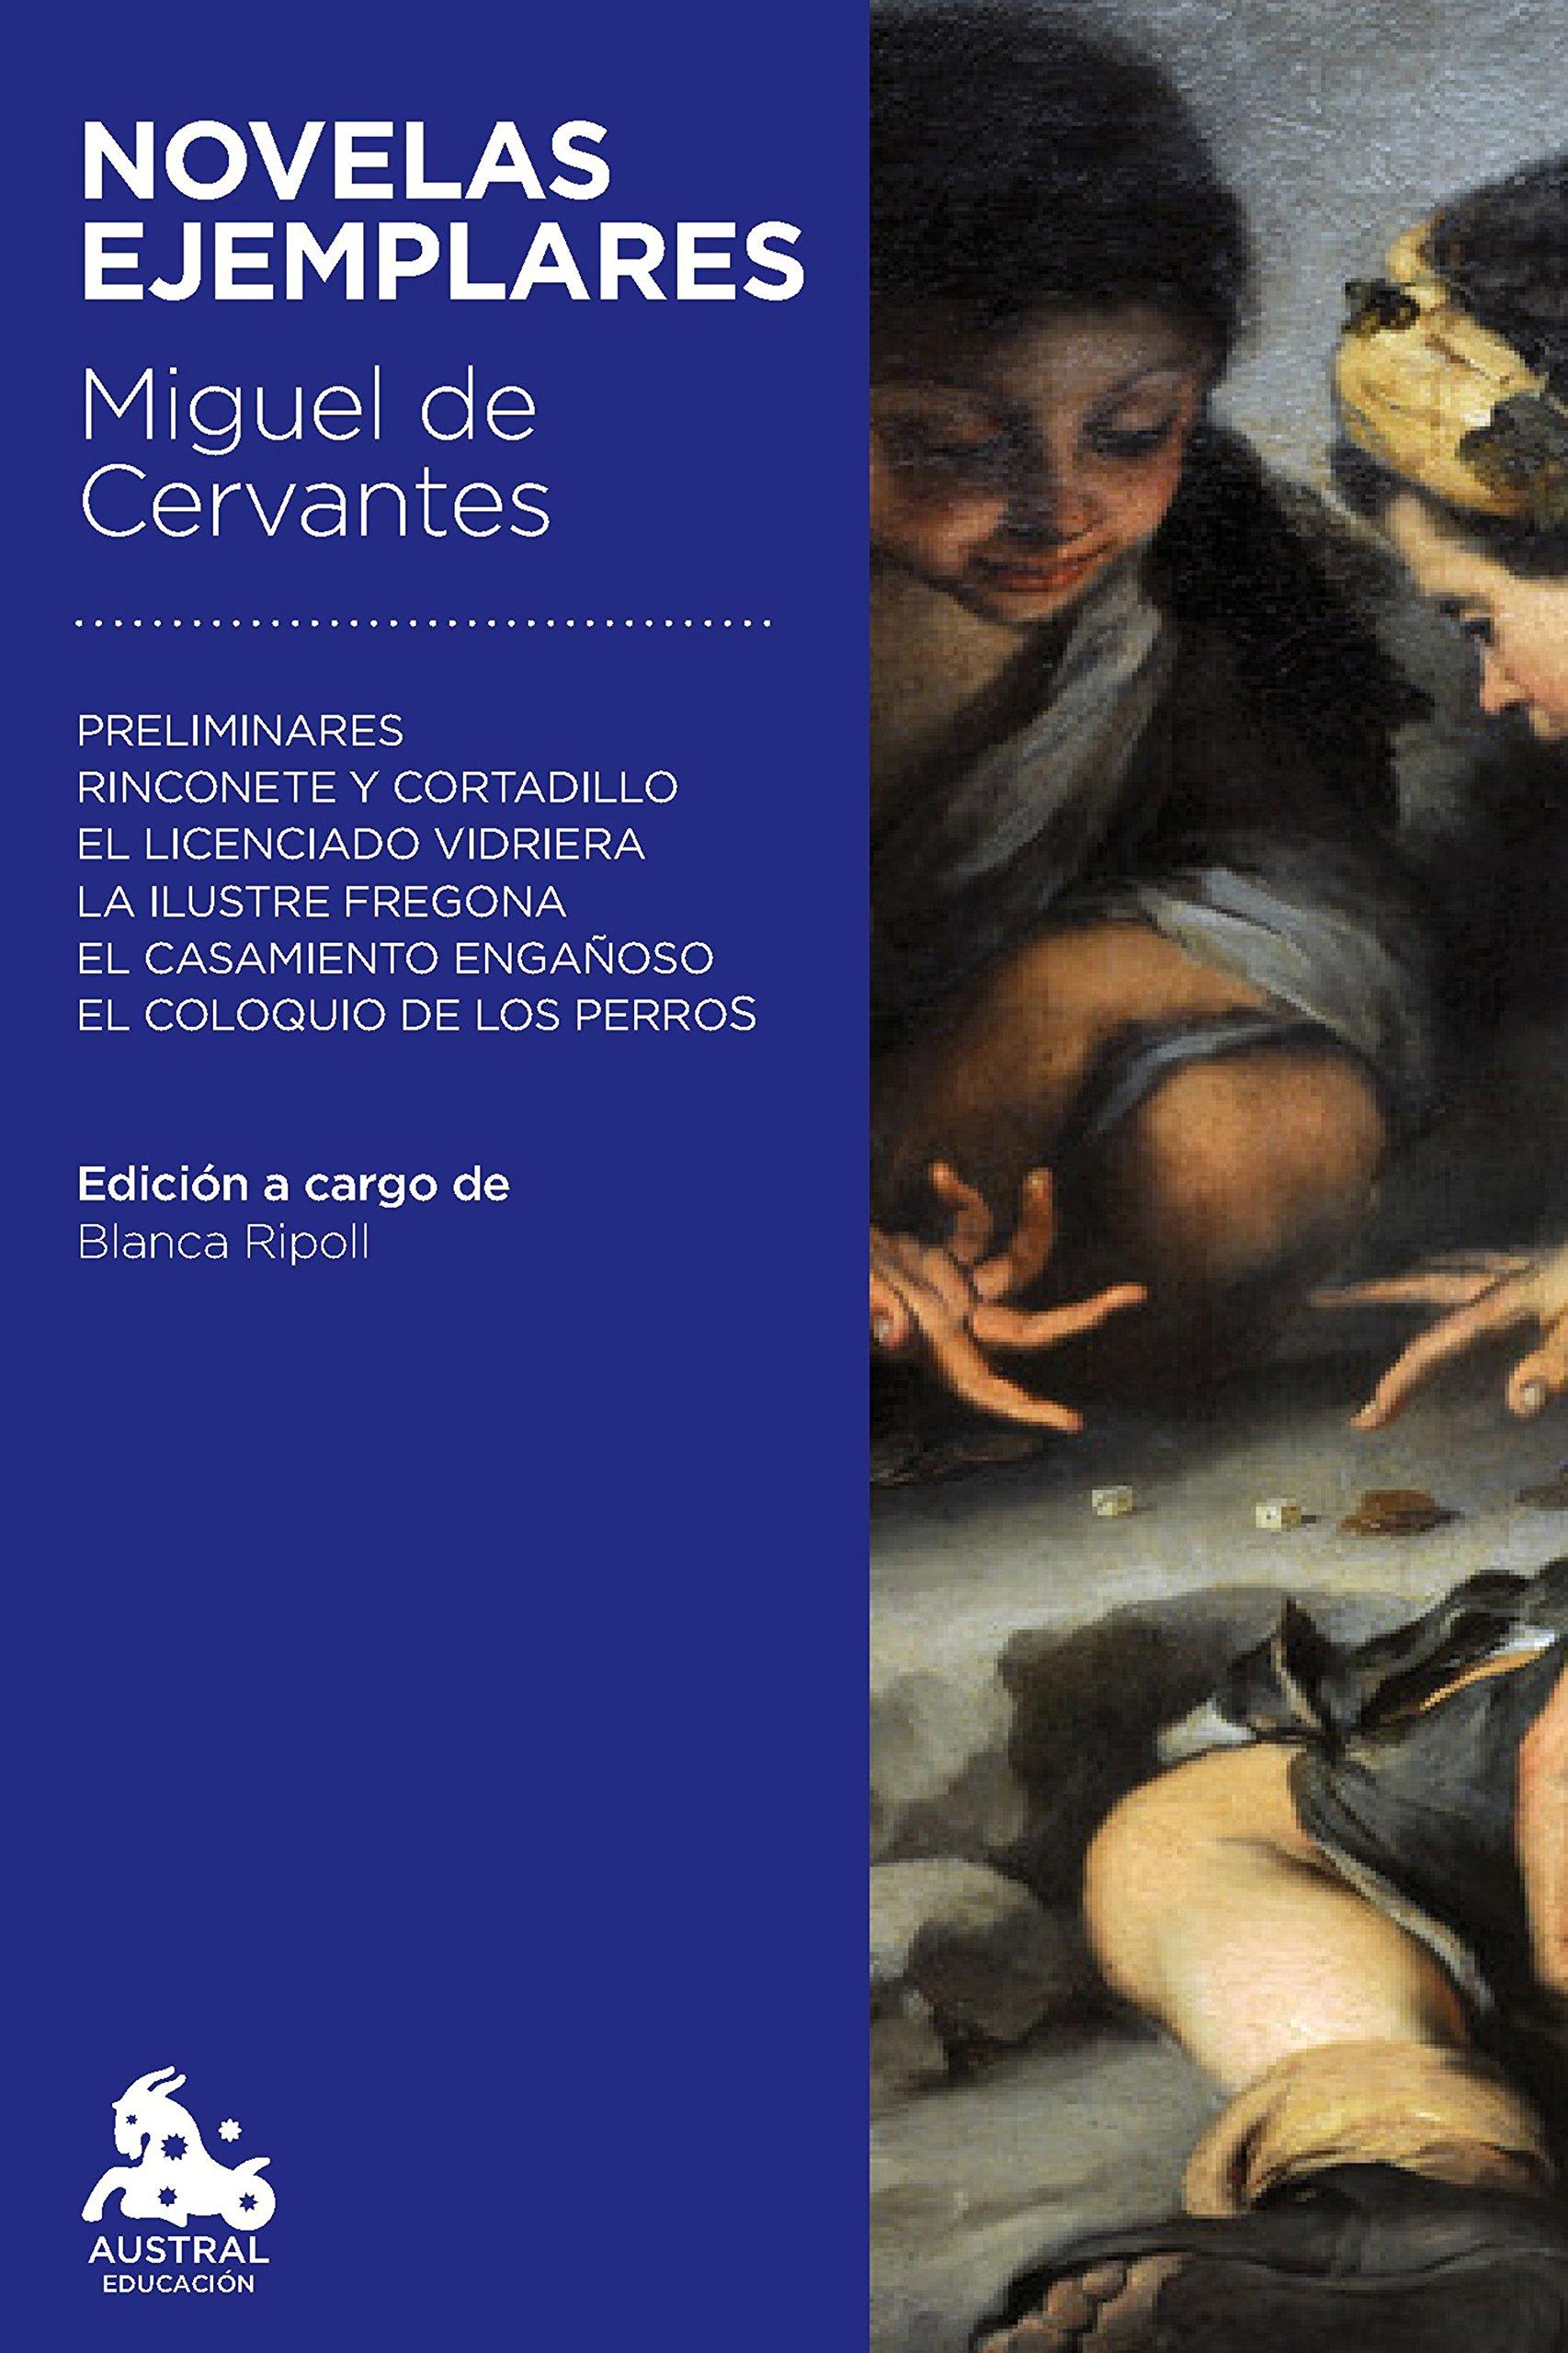 Novelas ejemplares (Austral Educación): Amazon.es: Cervantes, Miguel de: Libros